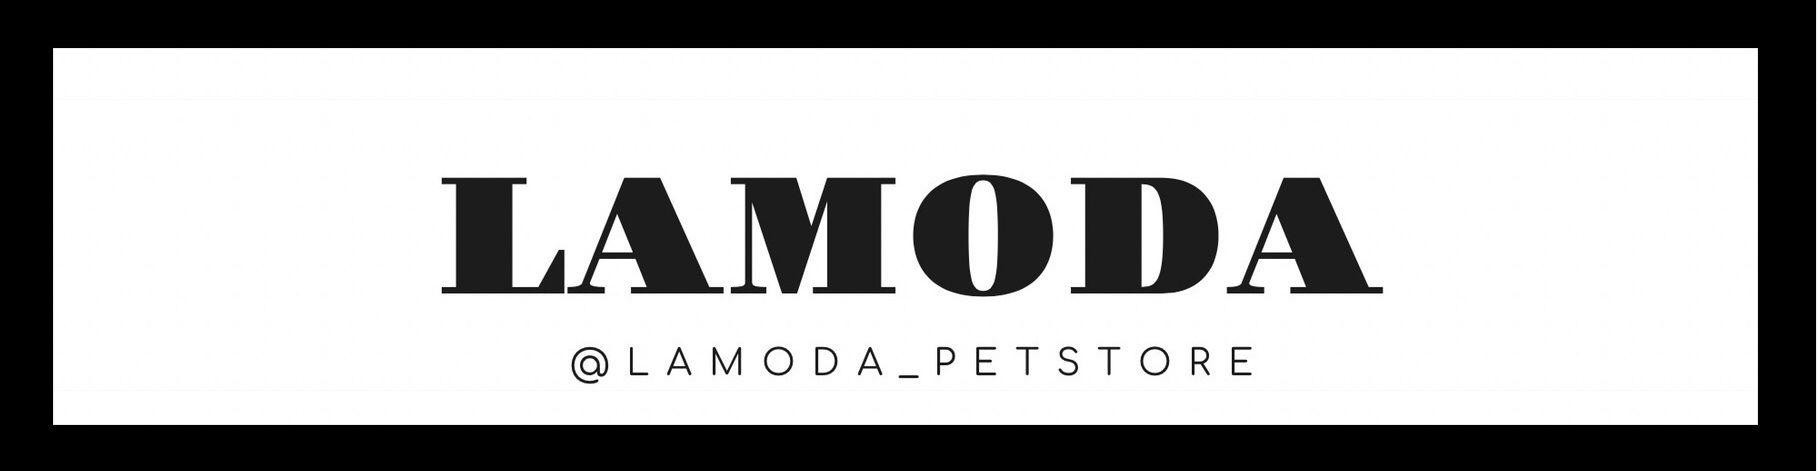 LAMODA_PETSTORE